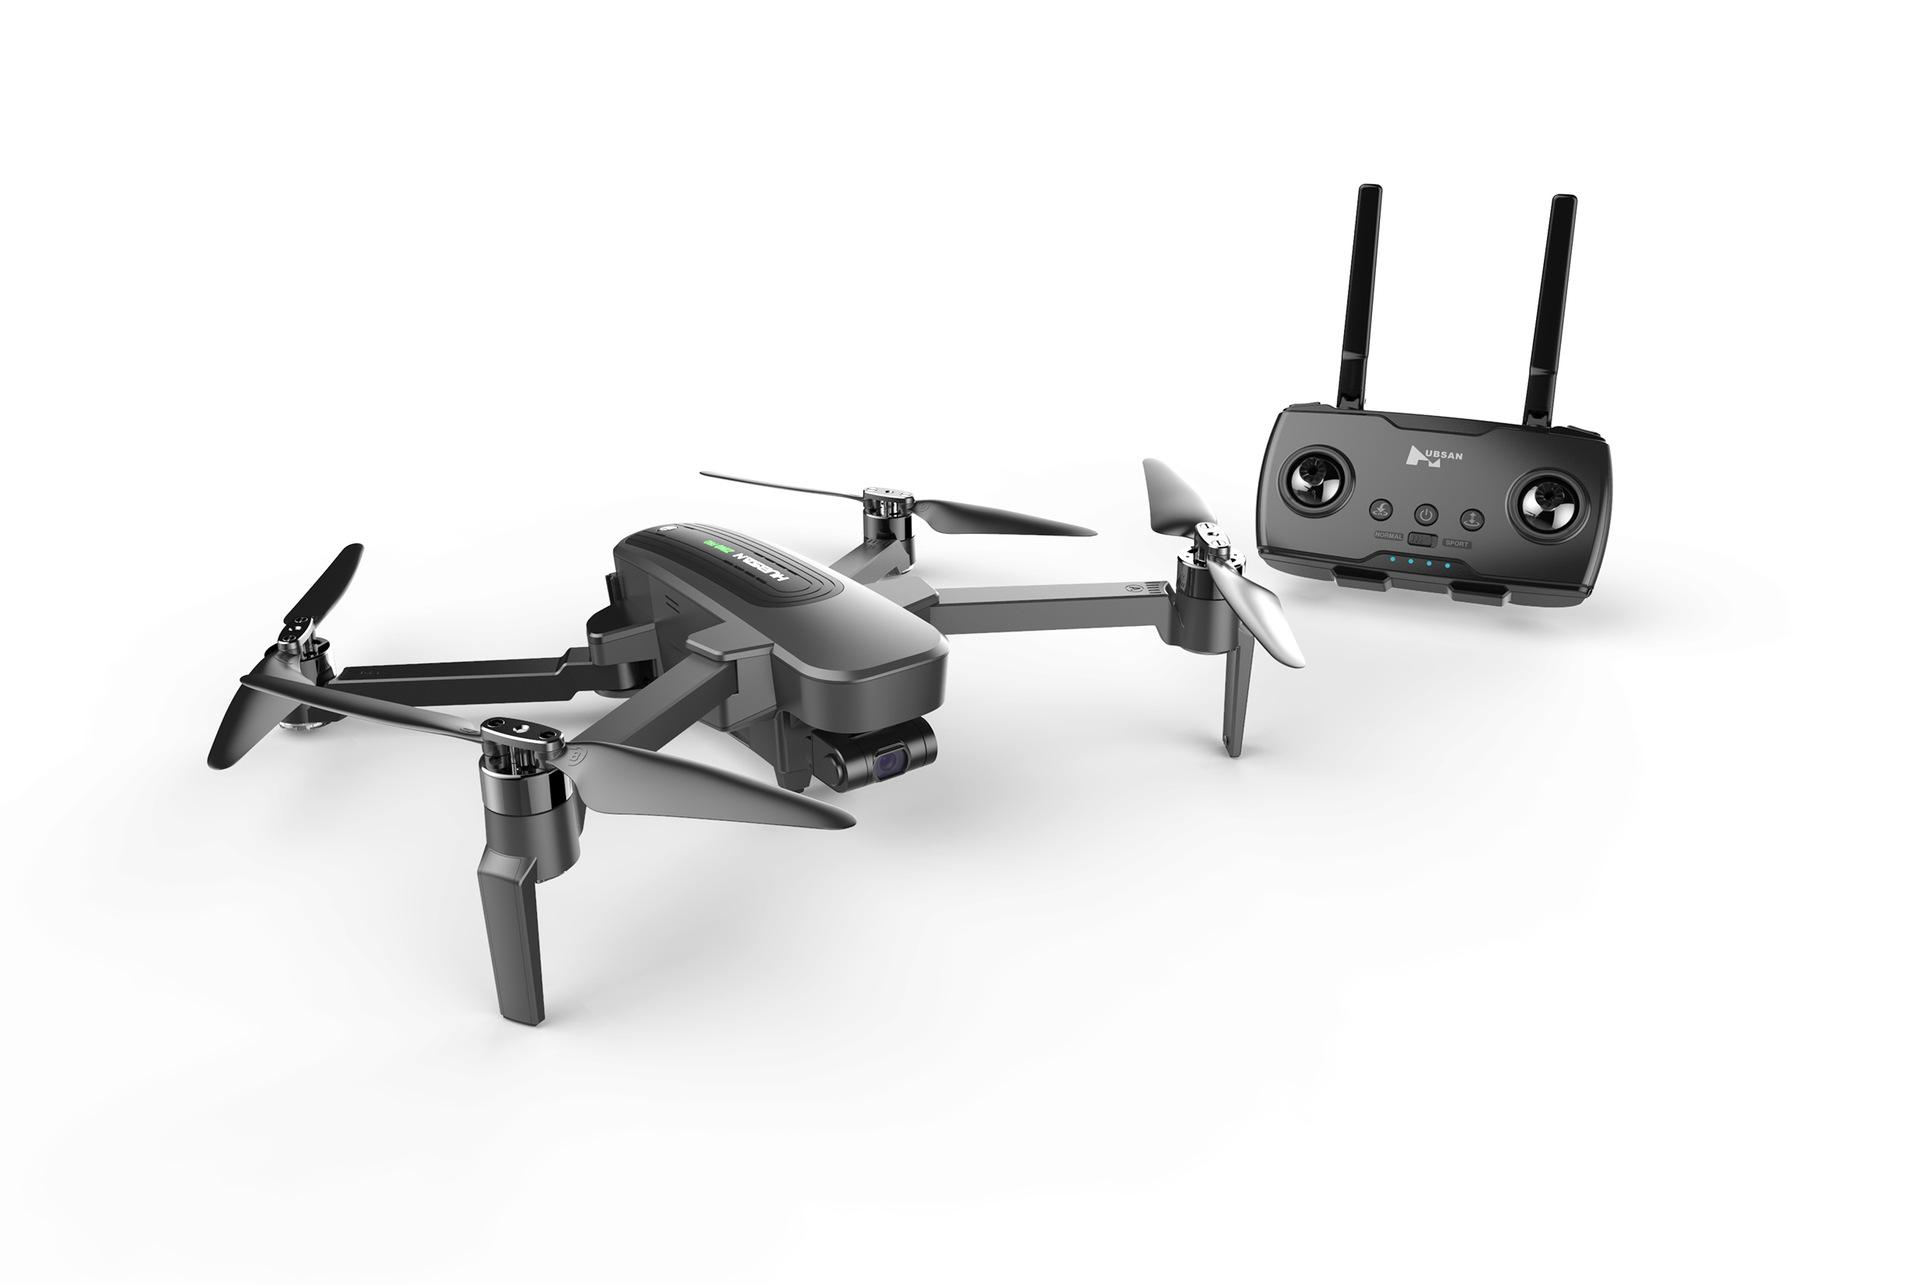 HABOSEN Máy bay không người lái Zino pro thông minh 4K máy bay không người lái bản đồ đường dài HD t